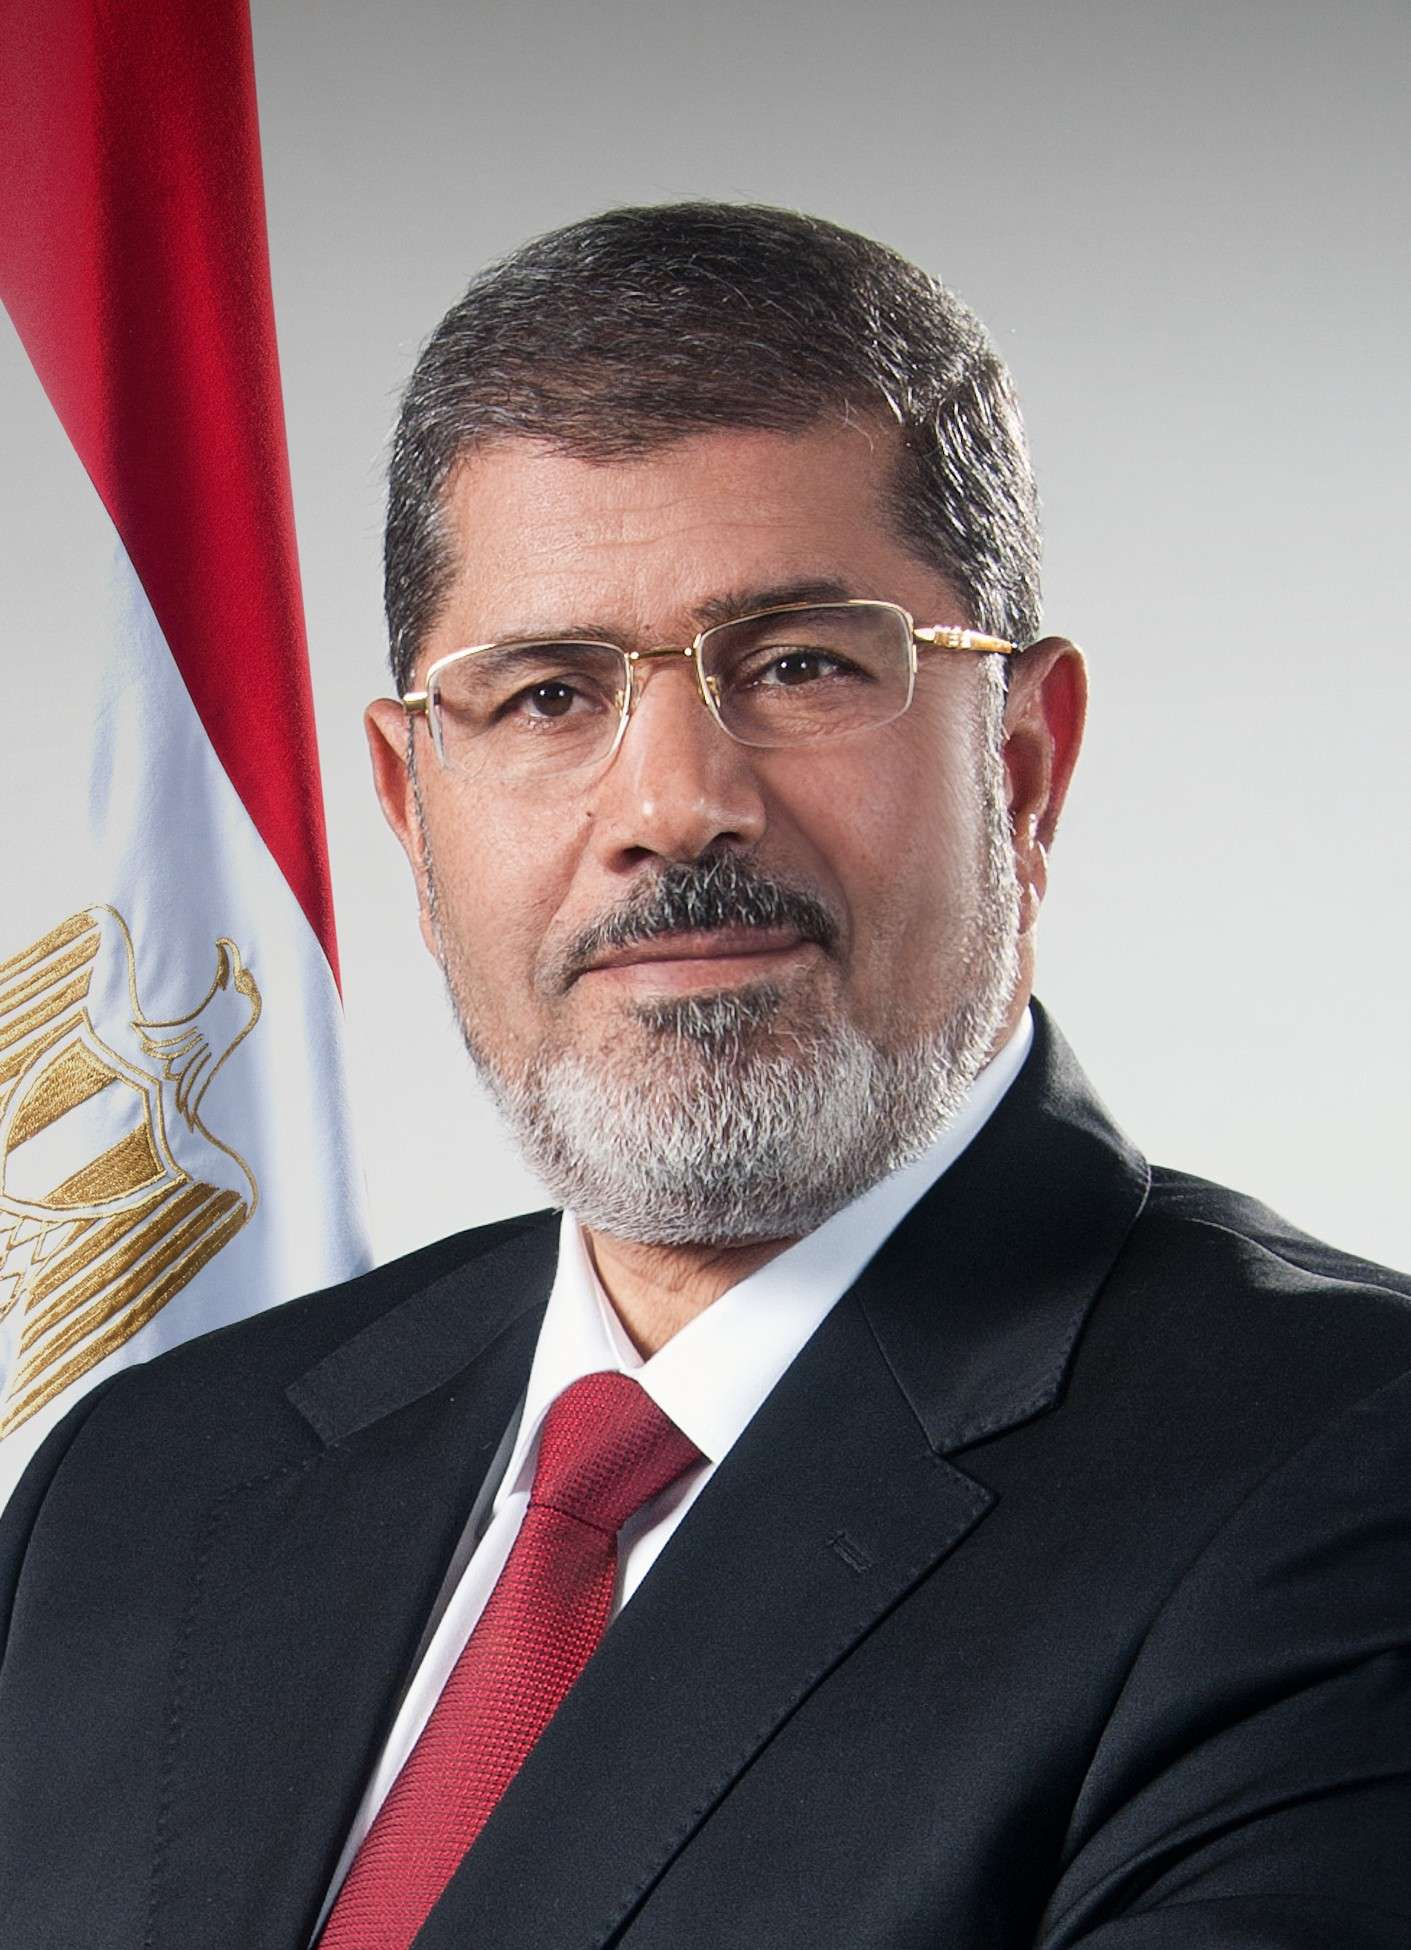 ثوره رمضان محمد مرسى قادم Presid10